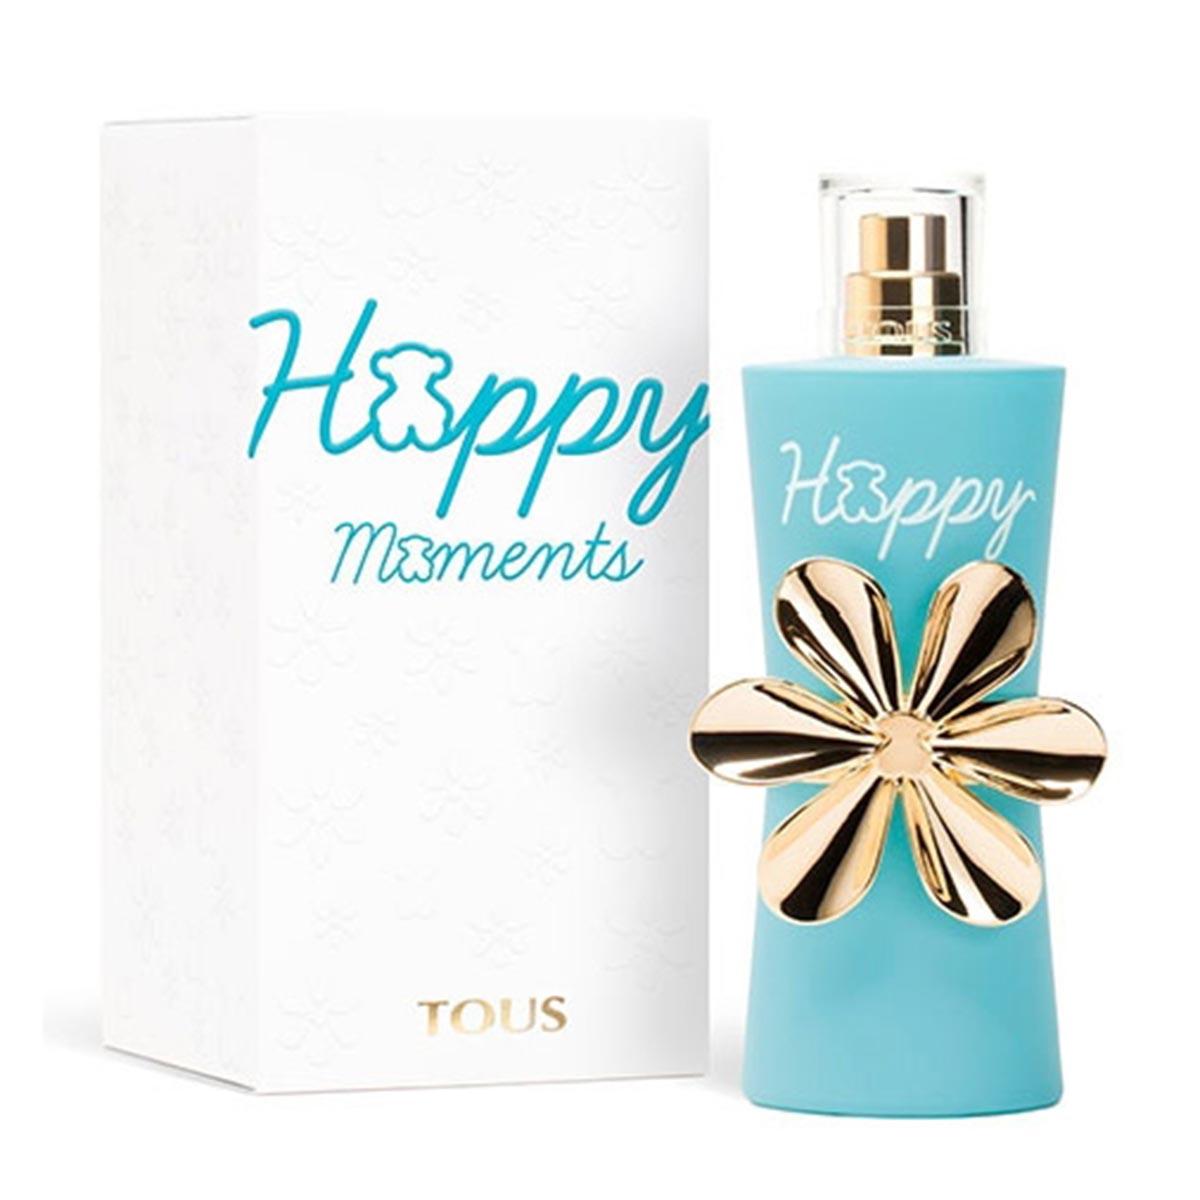 Tous happy moments eau de toilette 90ml vaporizador